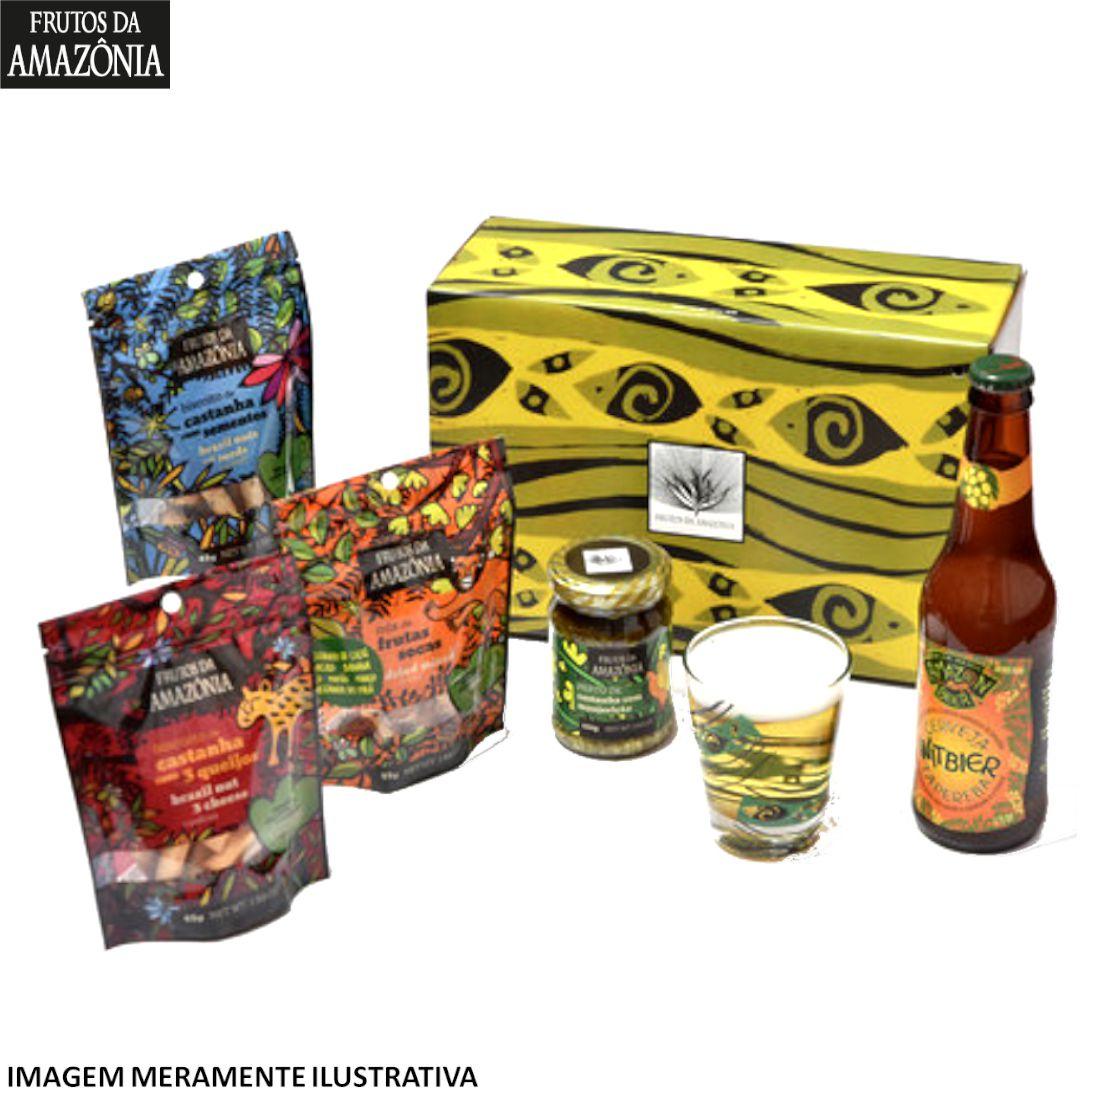 Caixa Rio Tapajós  - Frutos da Amazônia